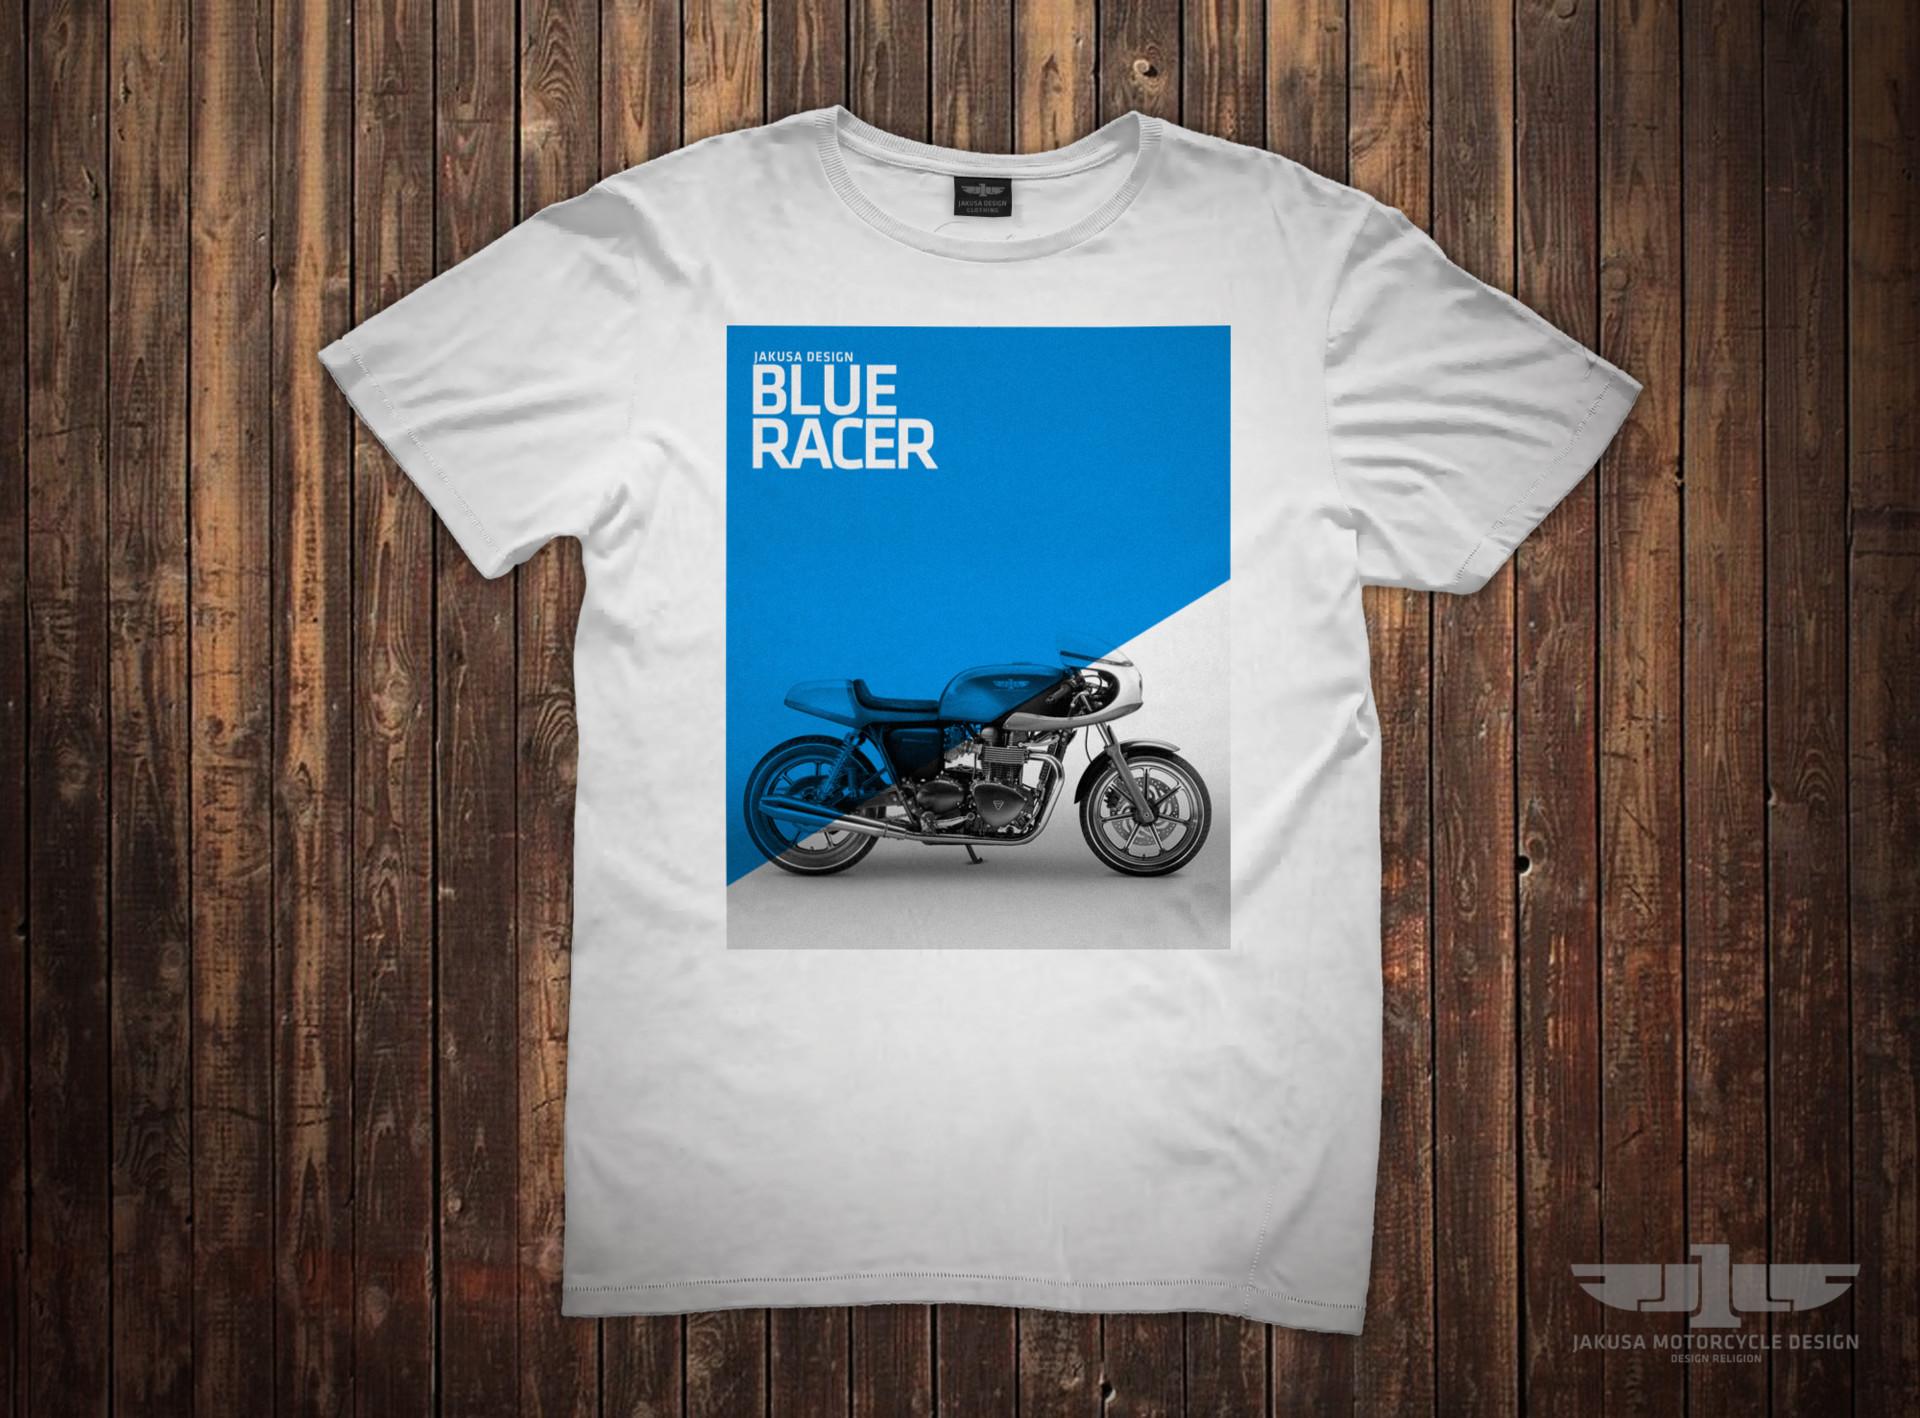 Tamas jakus blue racer t shirt